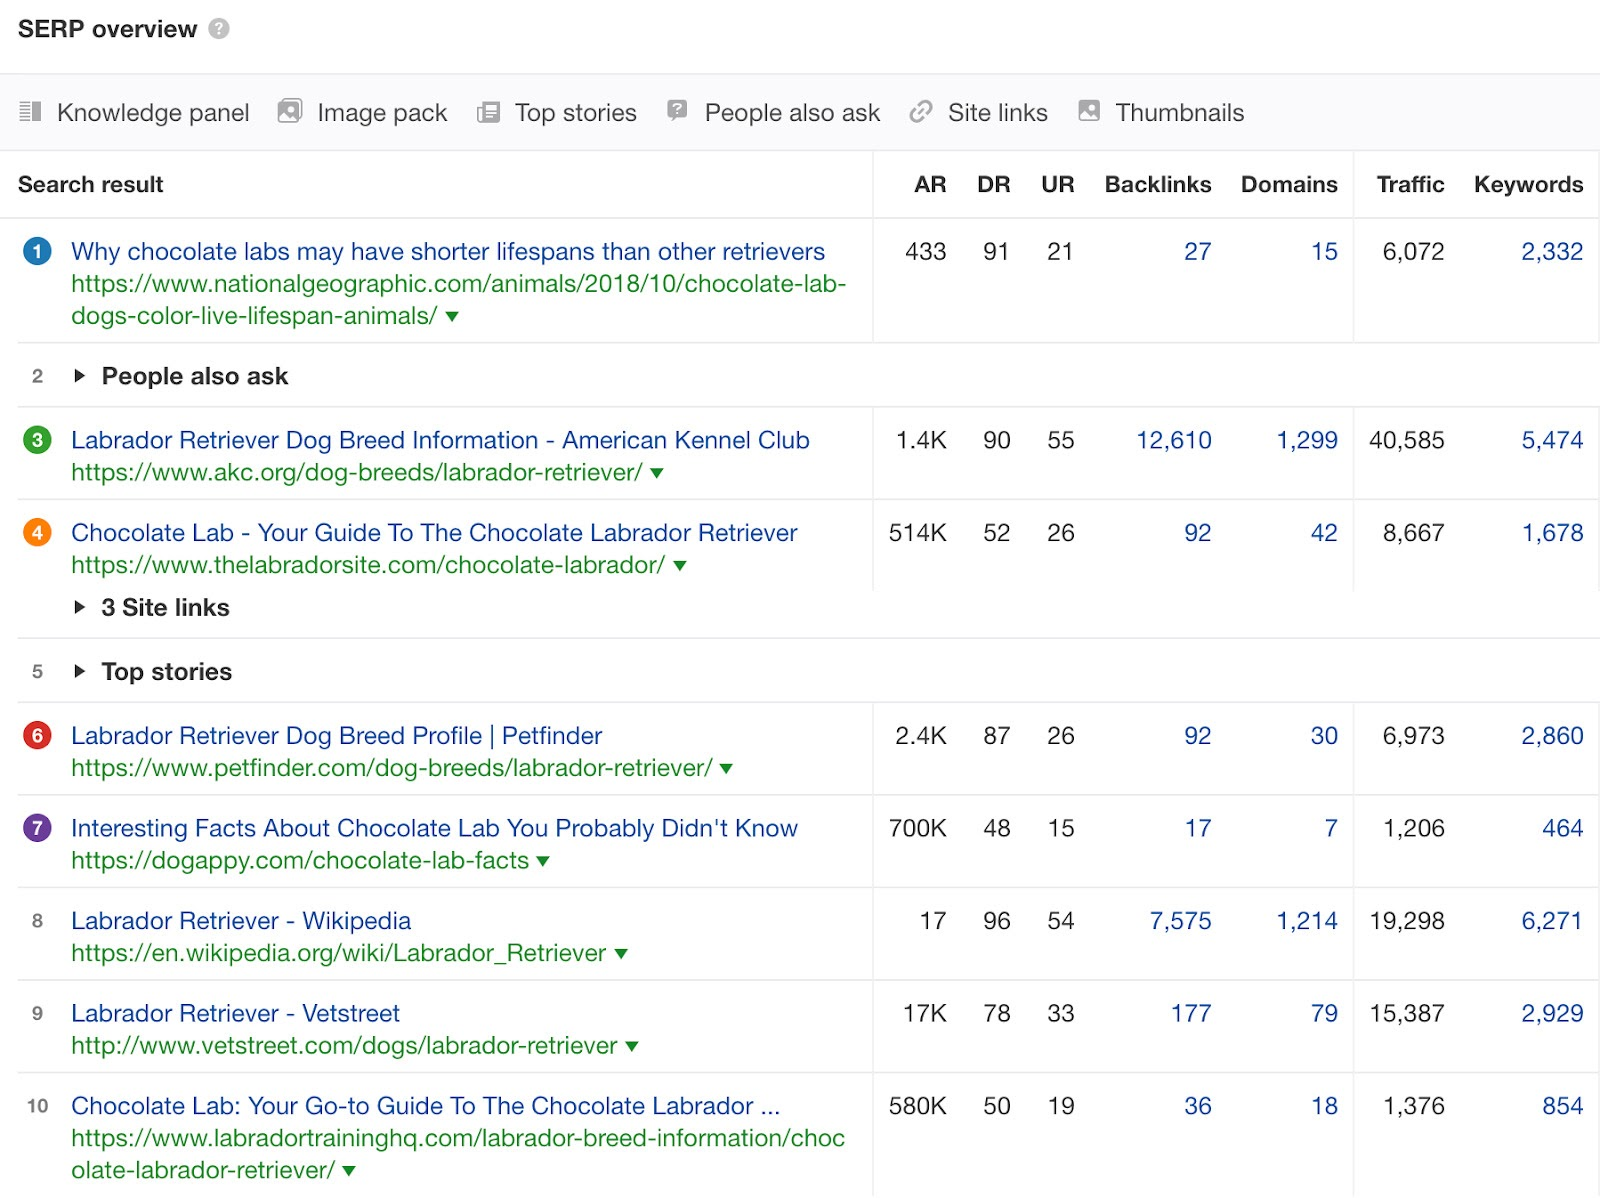 Объем трафика сайтов с первой страницы выдачи. Сайты с позиций 3, 8, 9 получают в разы больше трафика, чем сайт из ТОП-1